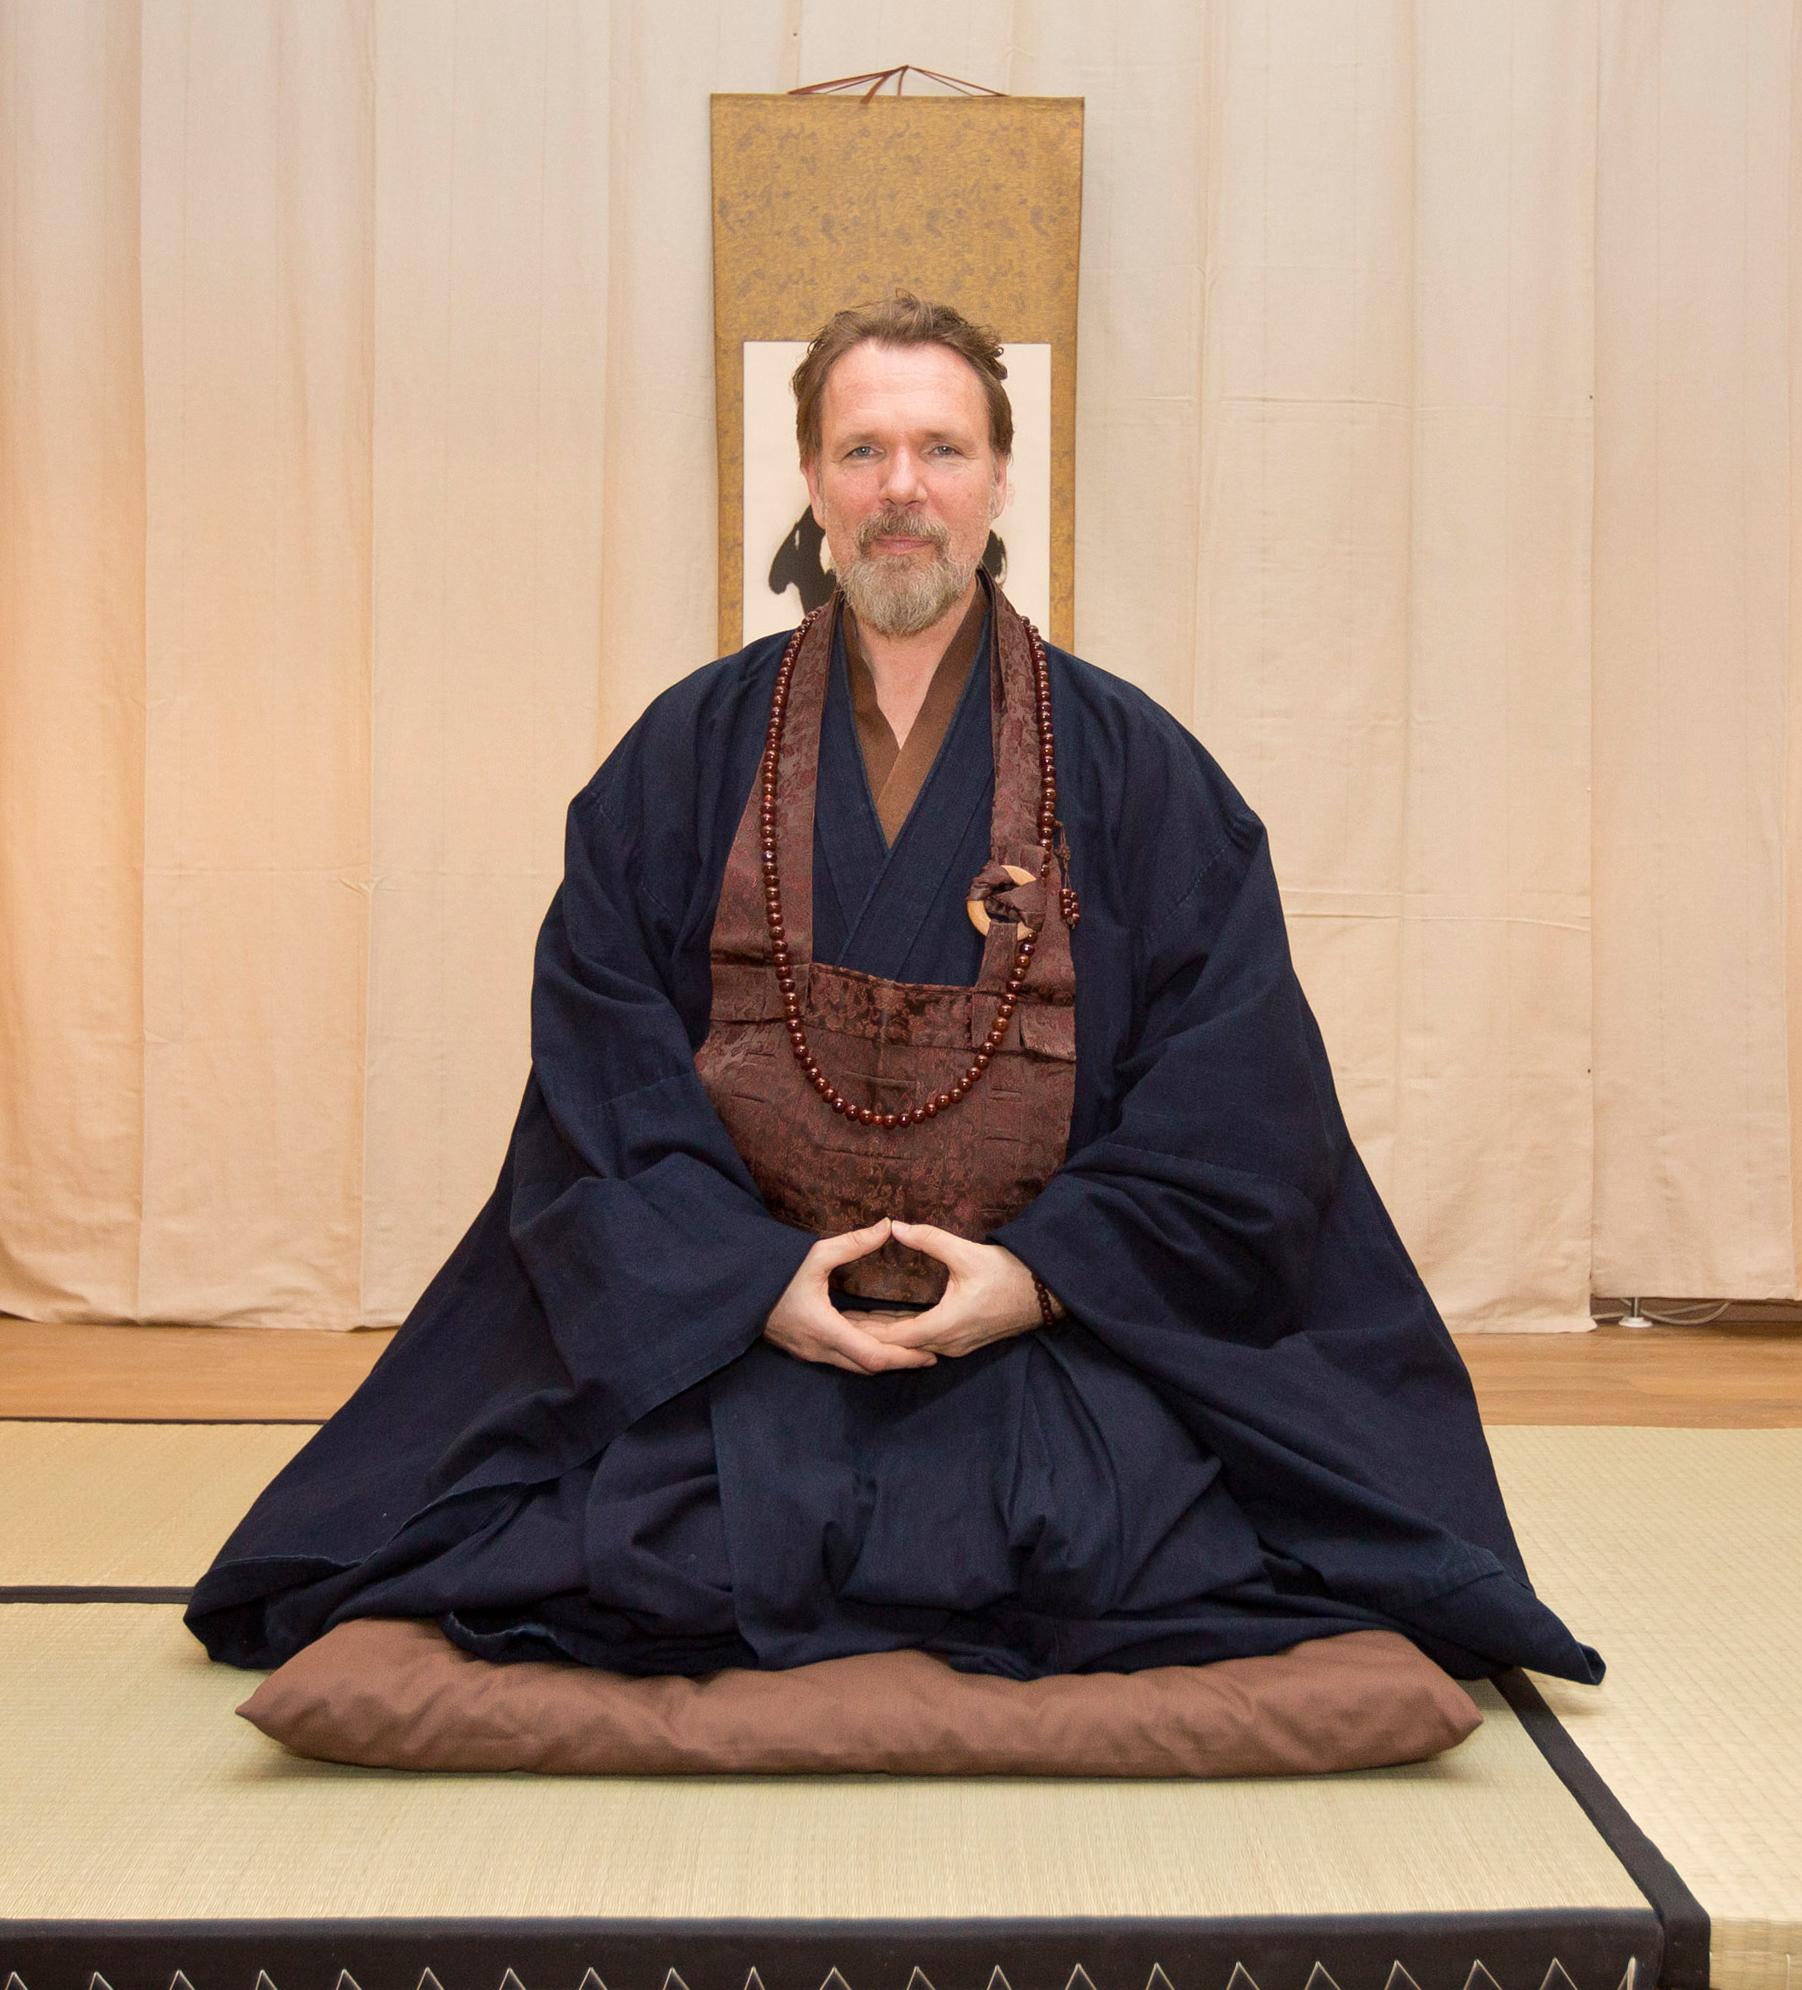 Zen-Meister Hinnerk Polenski gründetet die Zen Schule.